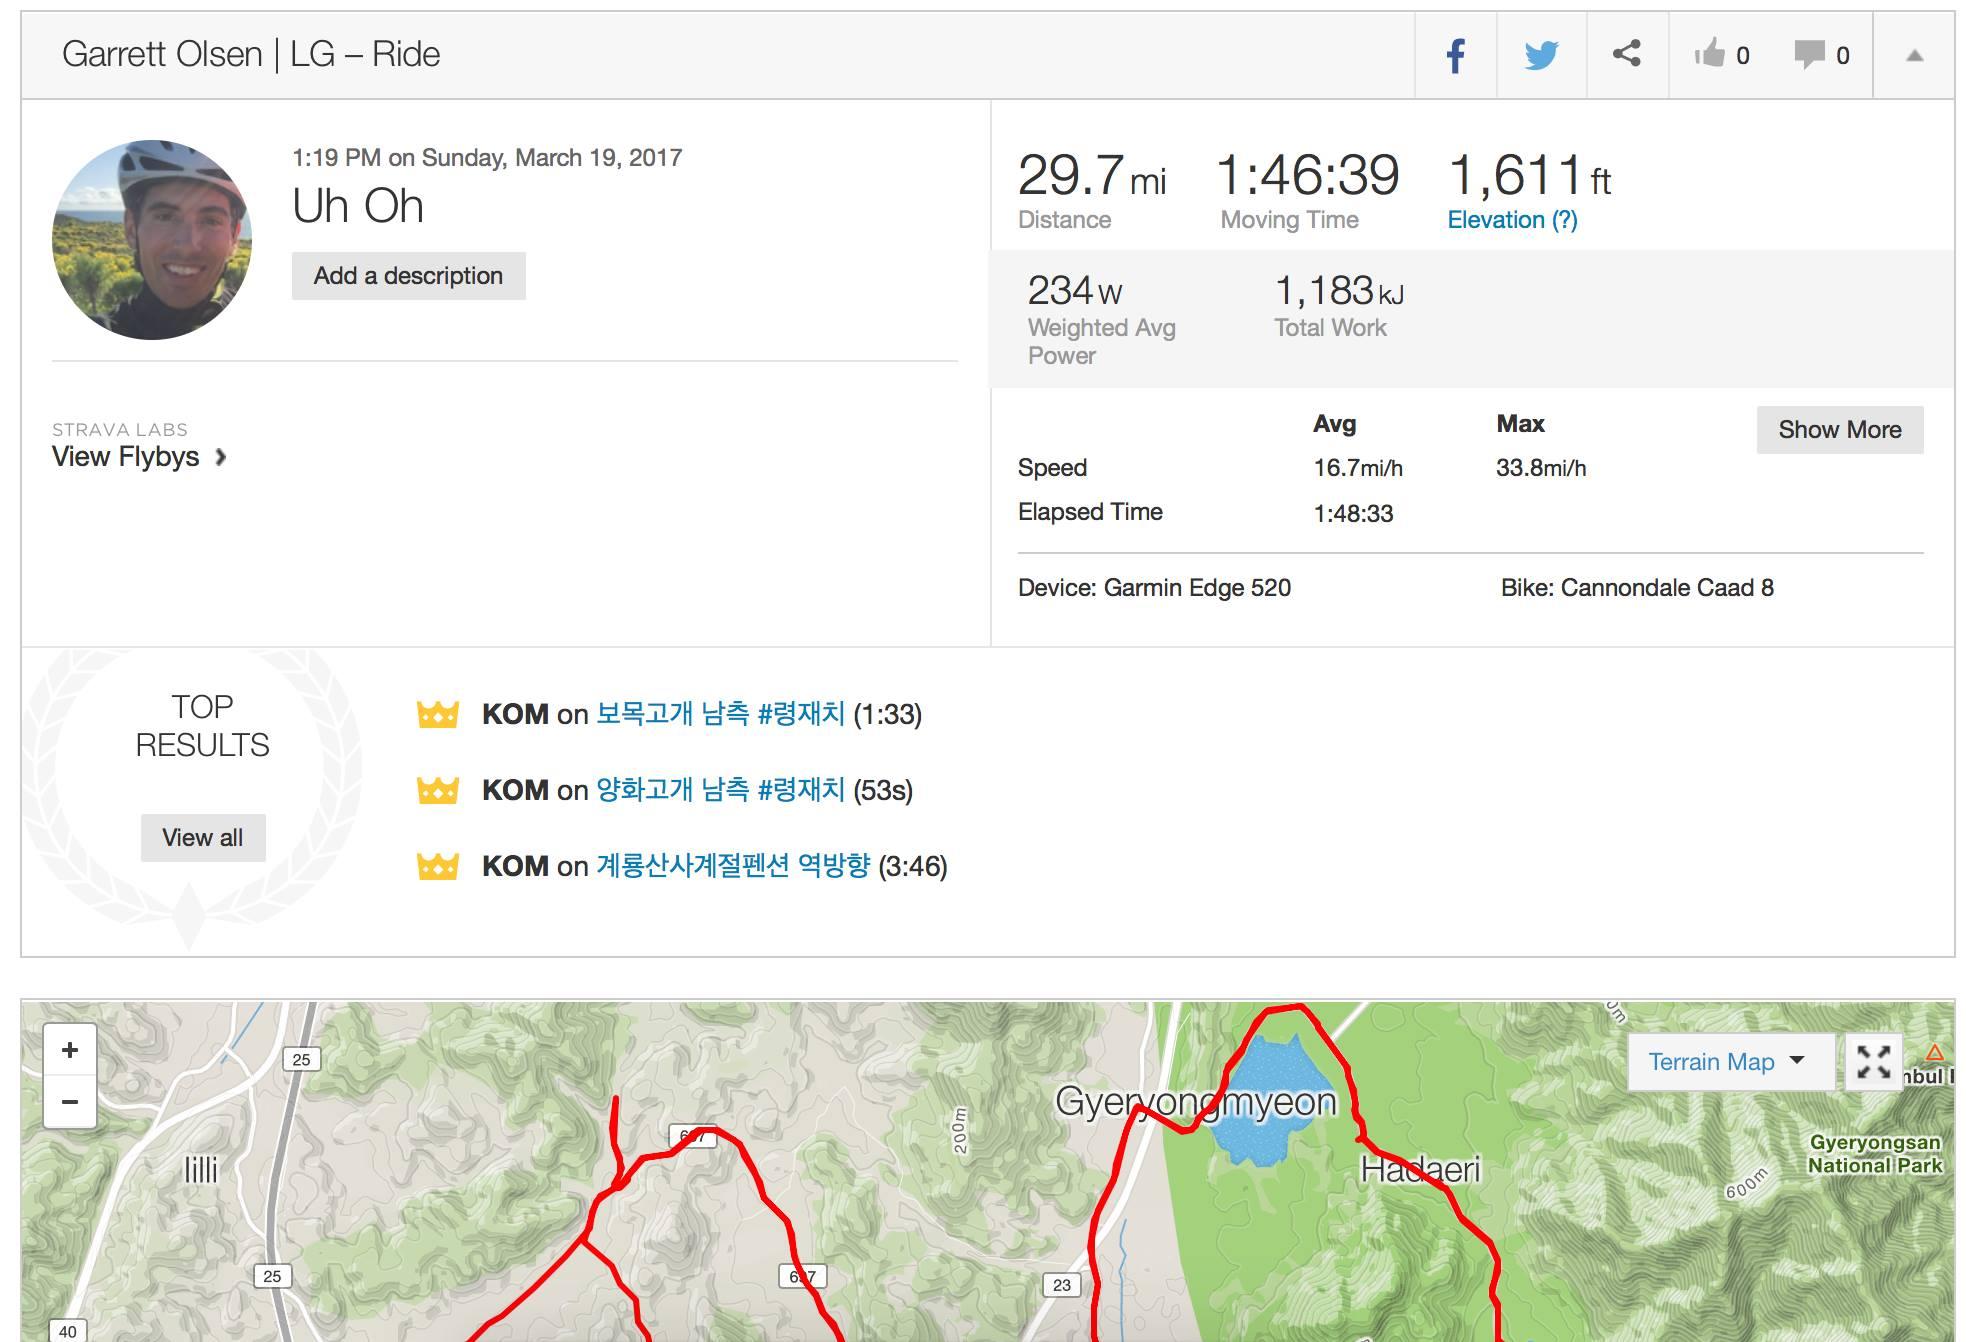 Garrett Olsen lost somewhere in Korea - hopefully he makes it back to race for the team soon.